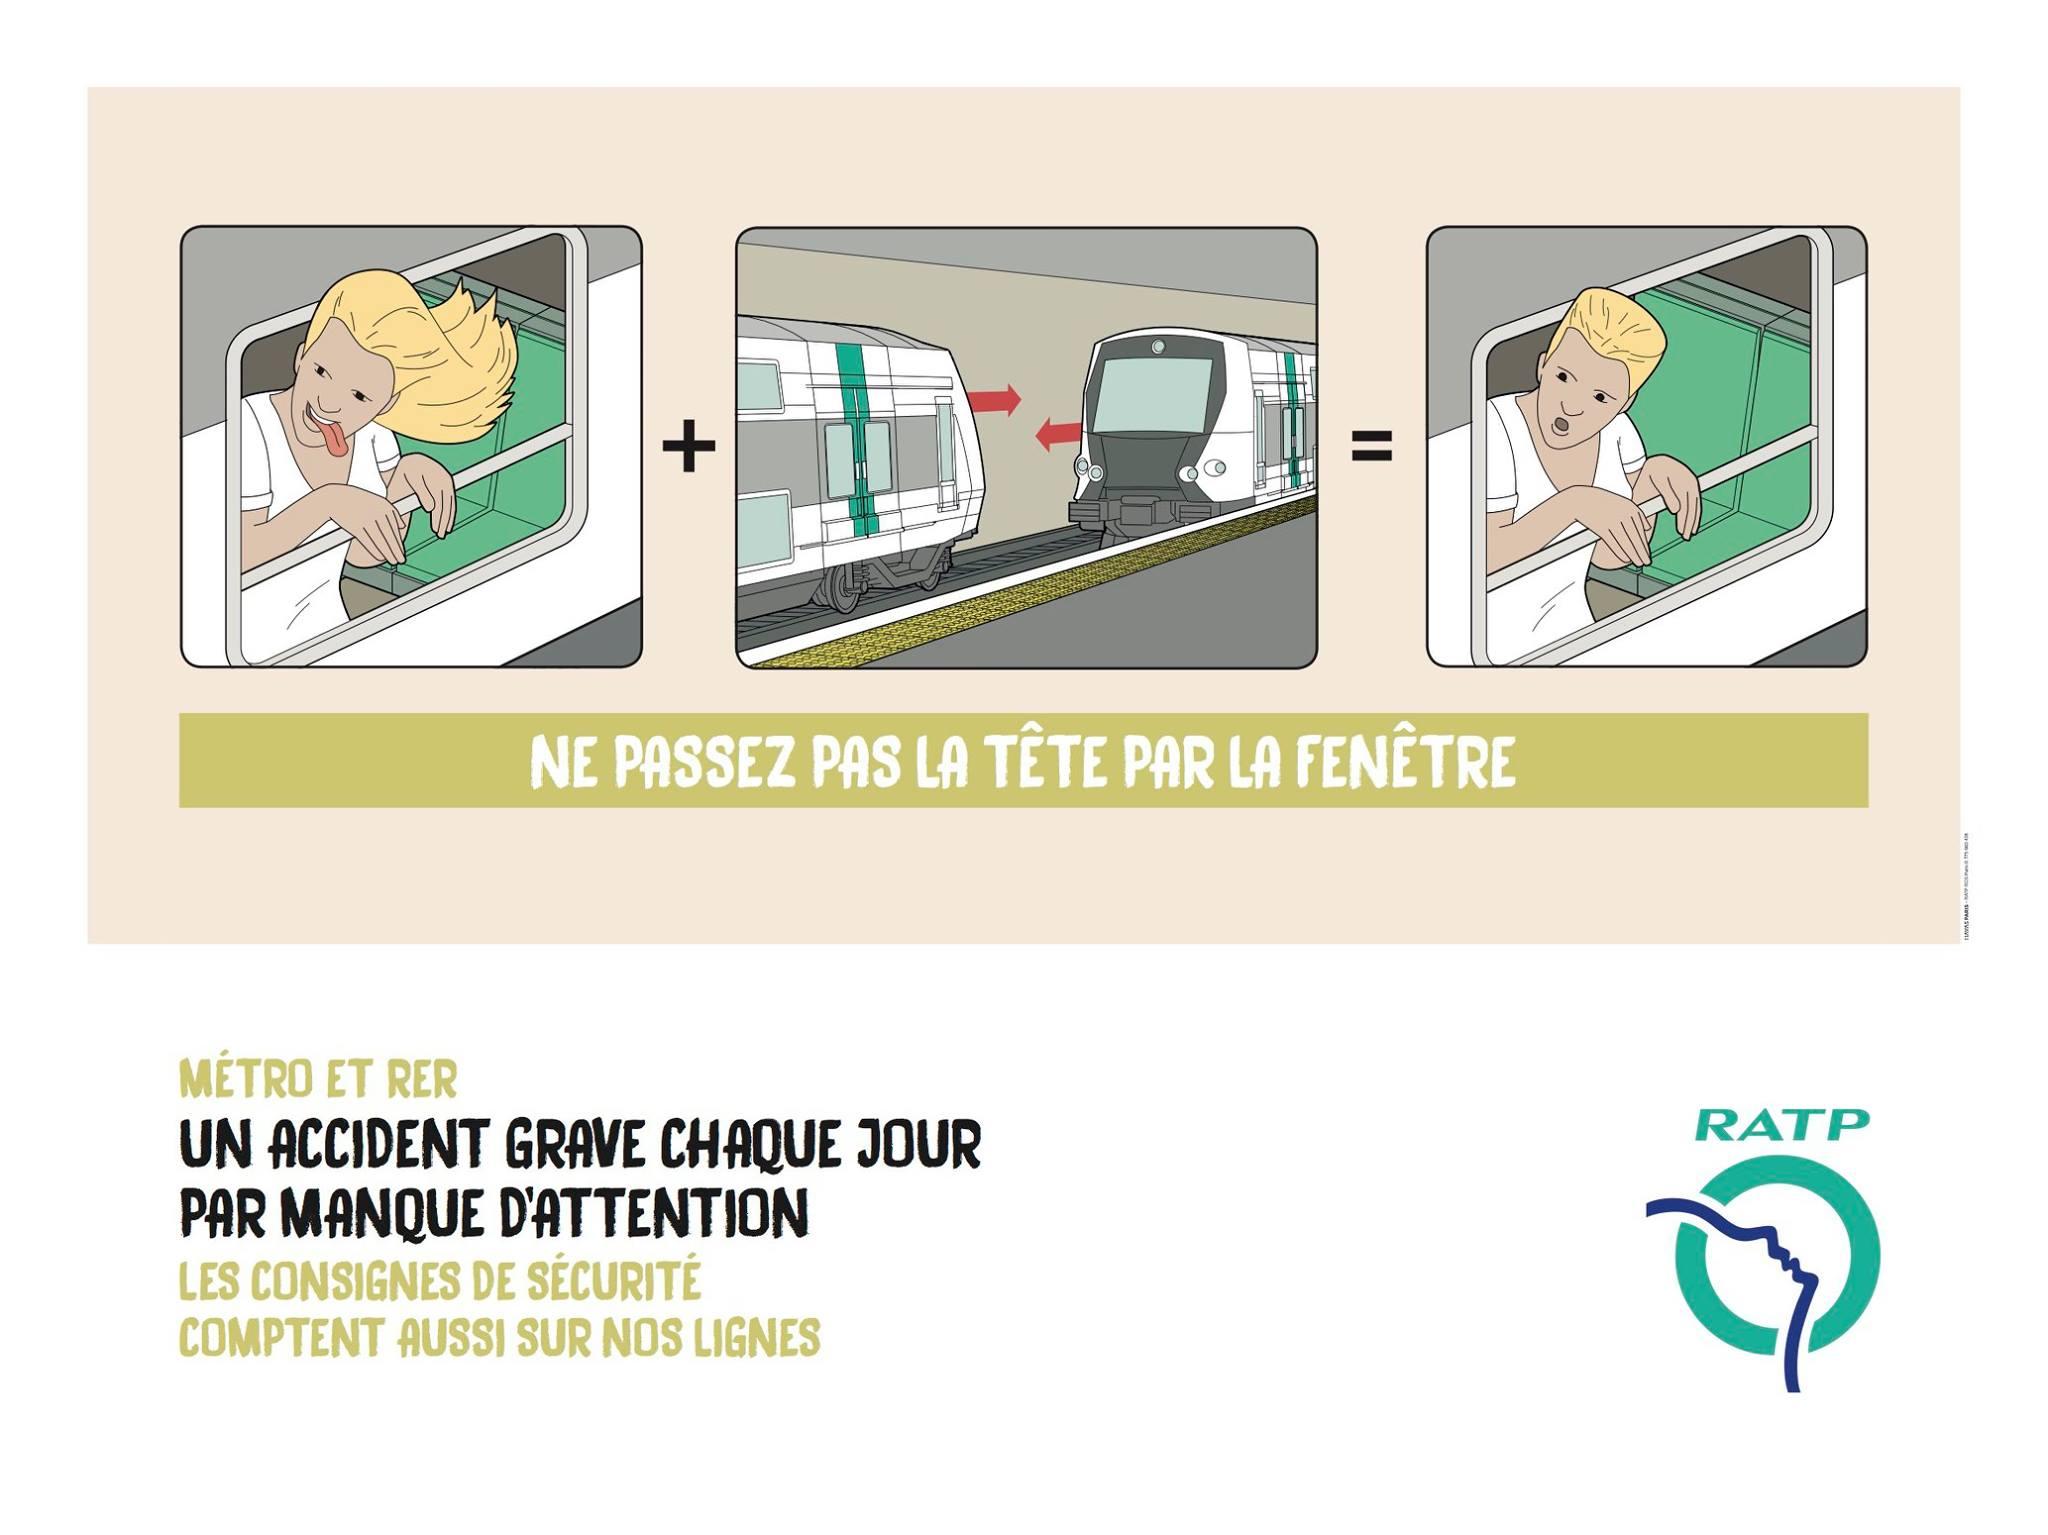 ratp-metro-consignes-securite-2016-publicite-danger-havas-paris-2